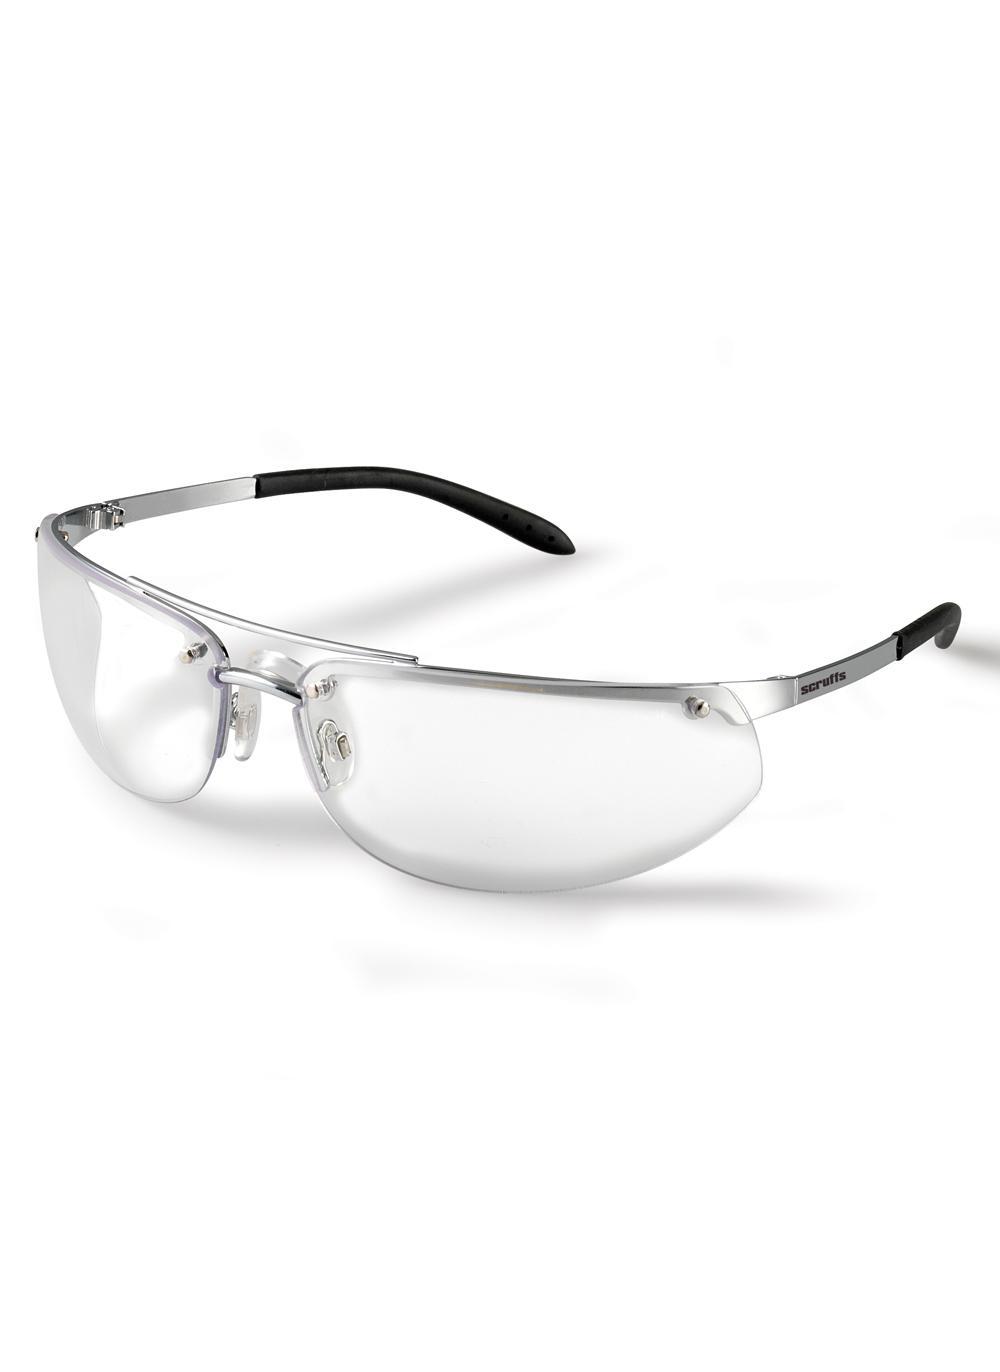 Metal Frame Safety Glasses